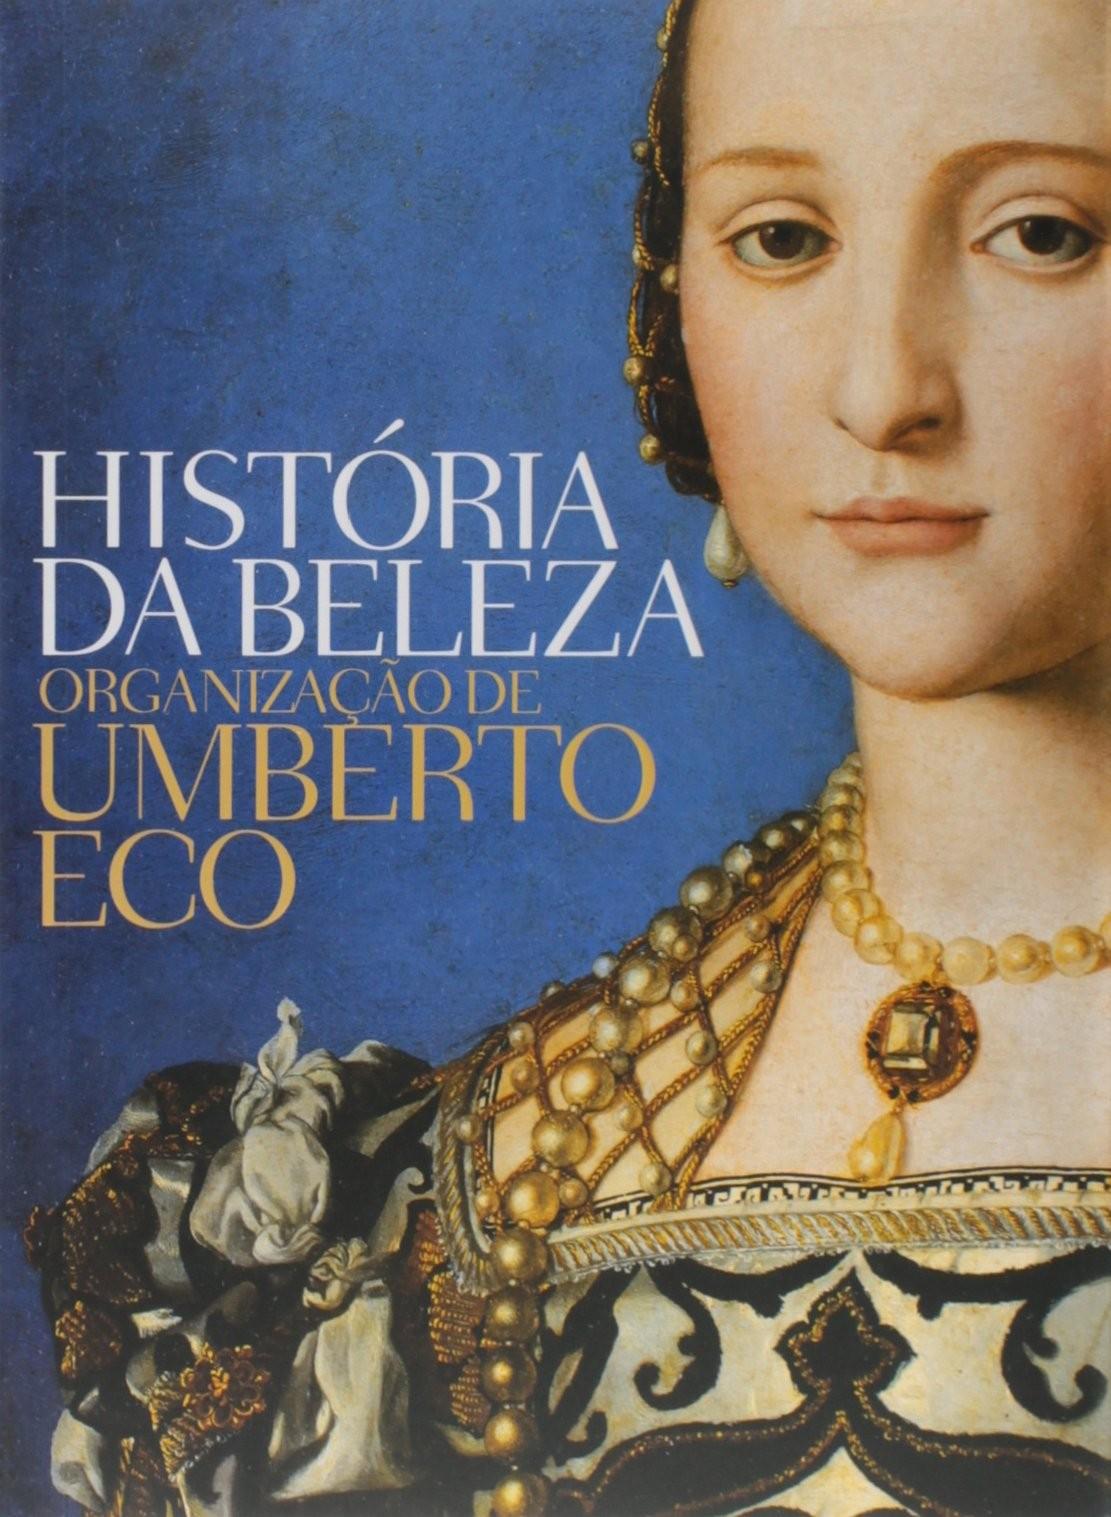 História da beleza R$ 139,99 (Foto: Reprodução)